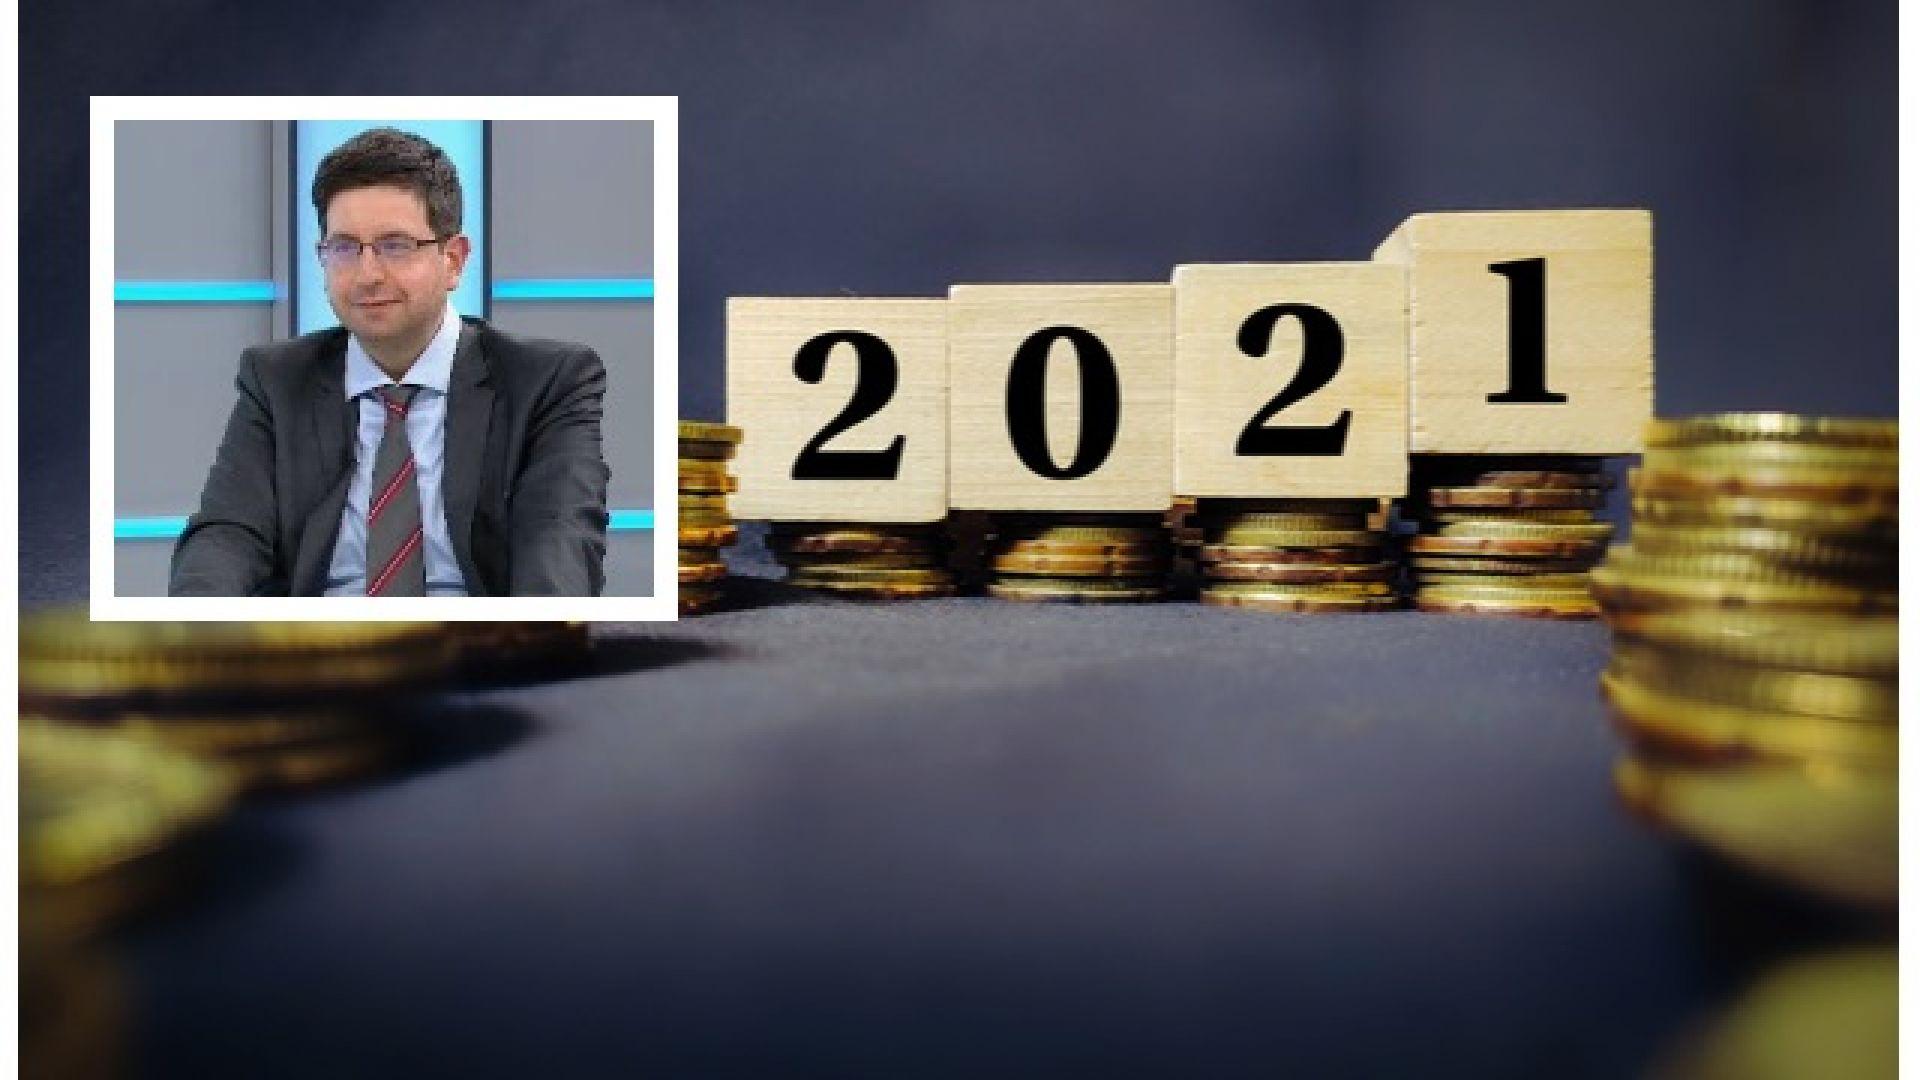 Петър Чобанов: Бюджетът бе предизборен и няма да издържи, нужна е спешна актуализация